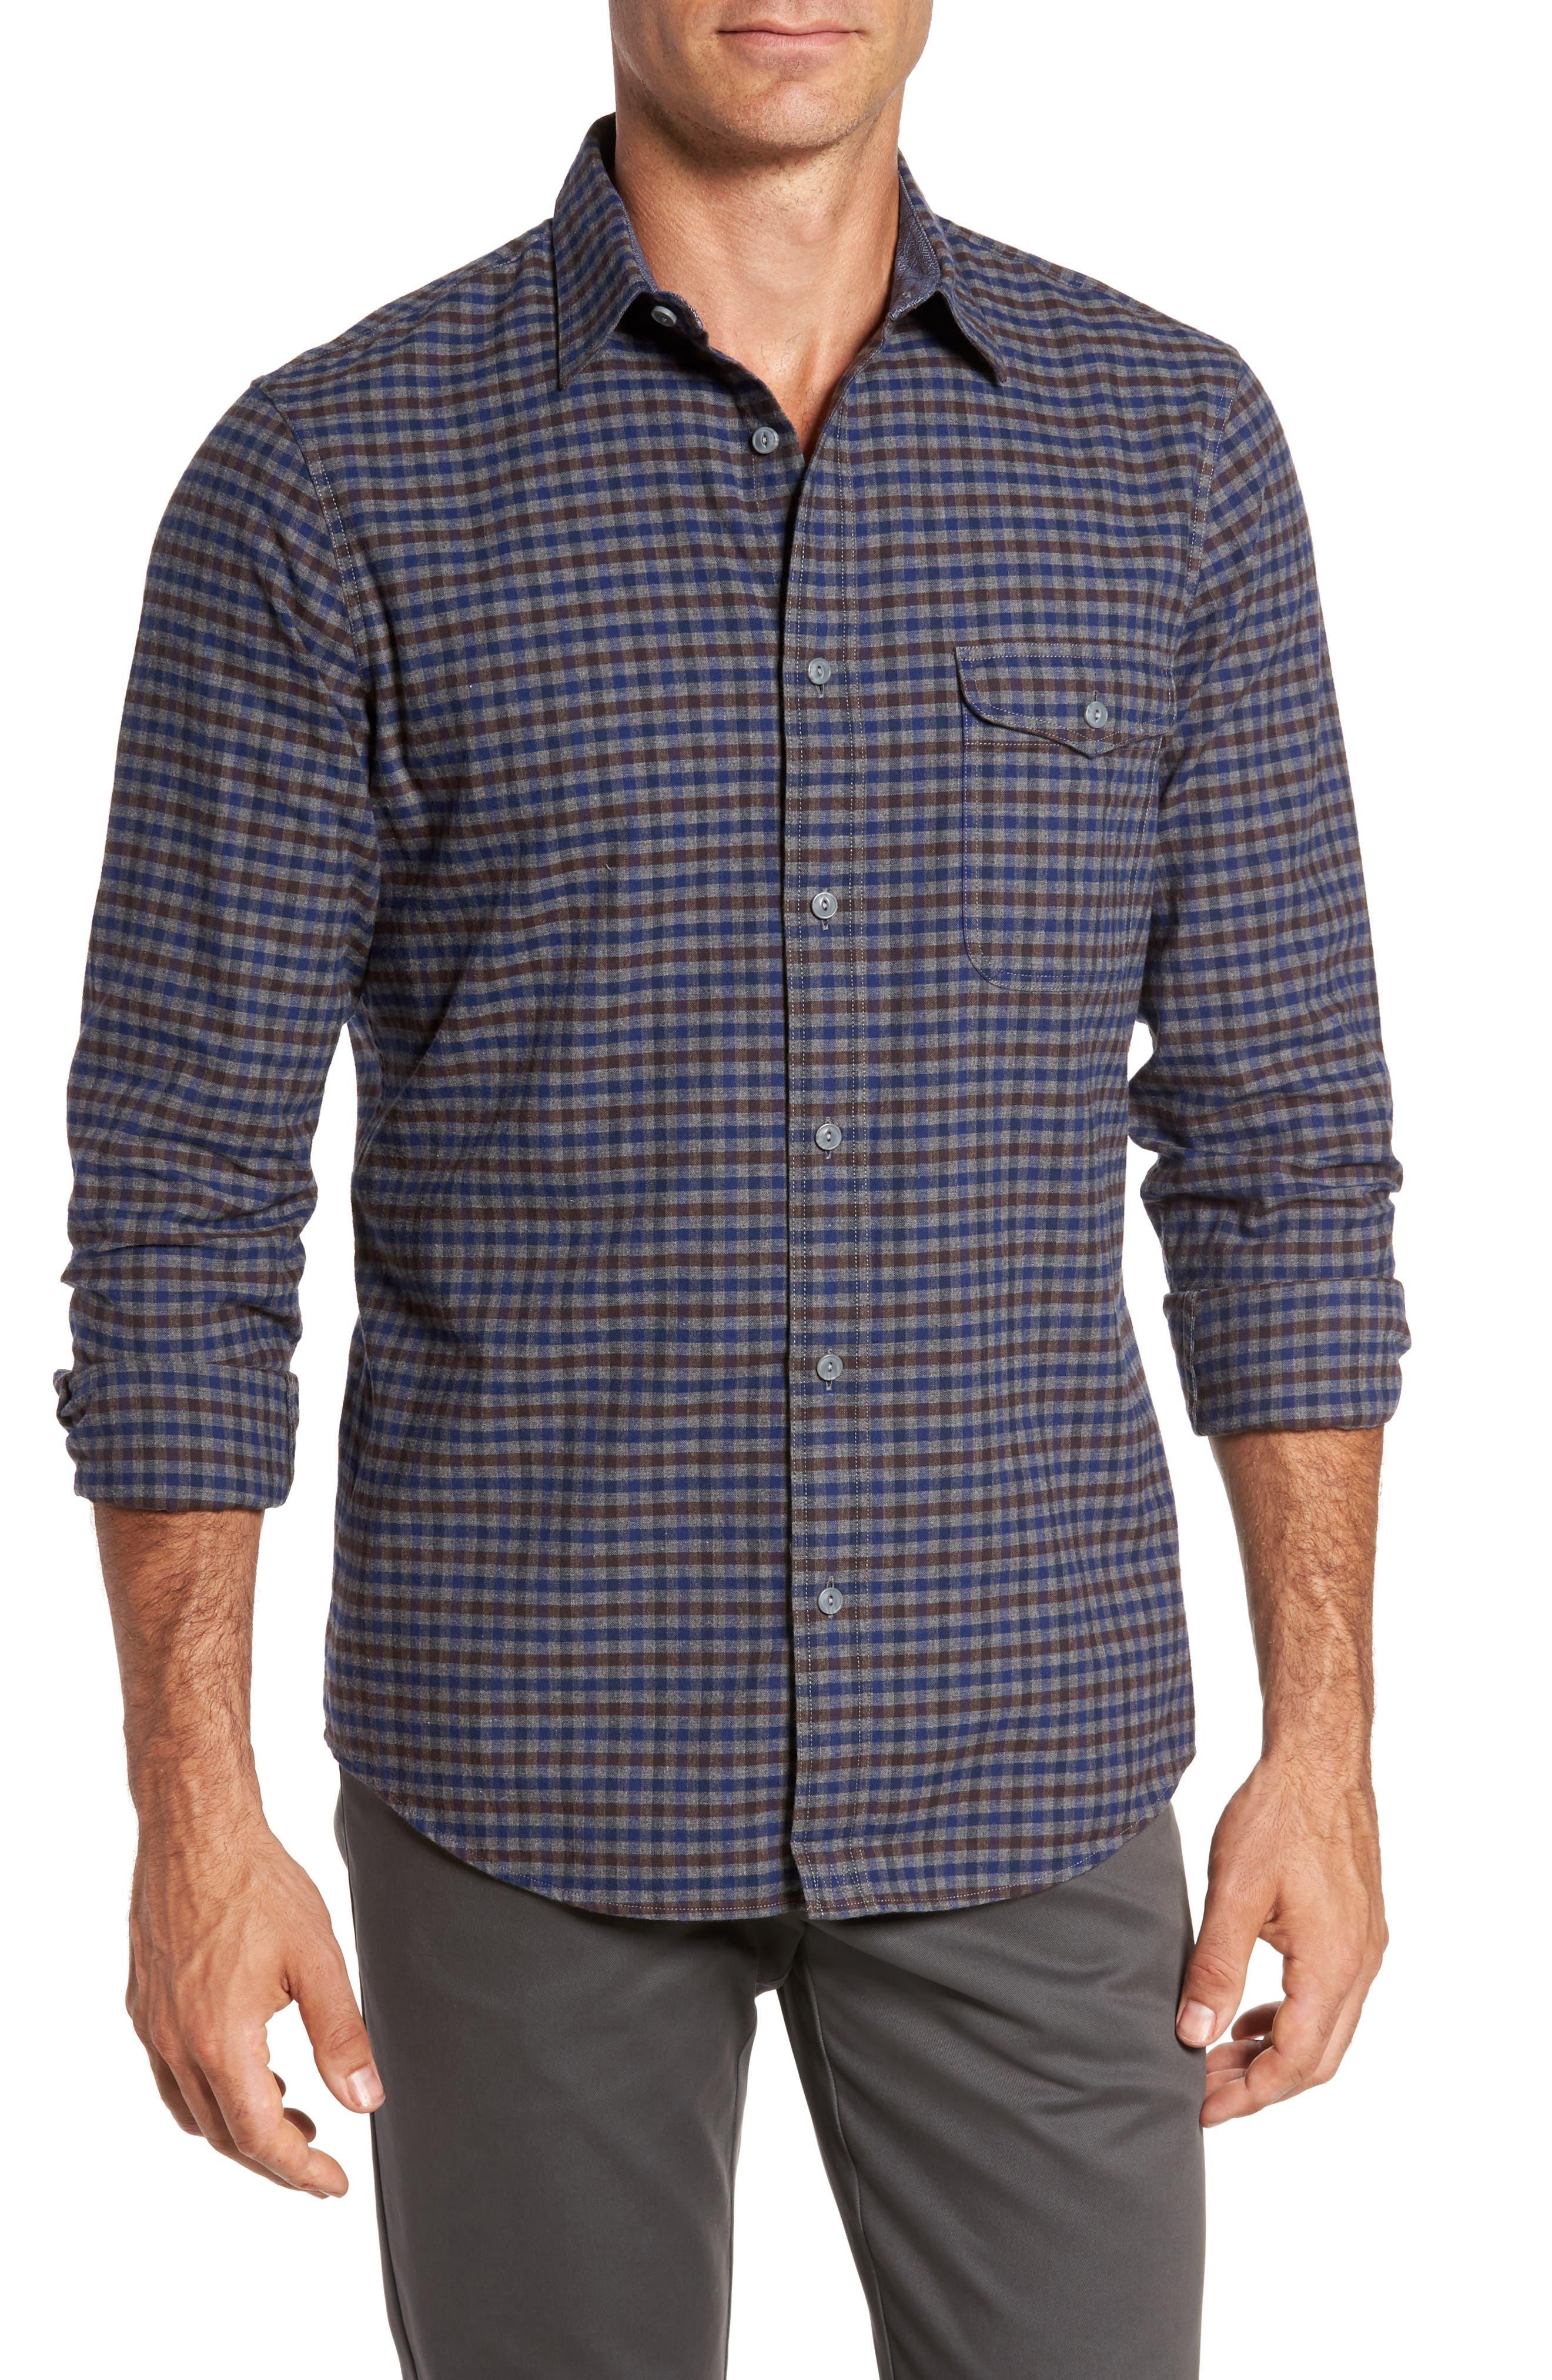 Alternate Image 1 Selected - Nordstrom Men's Shop Regular Fit Lumber Check Flannel Shirt